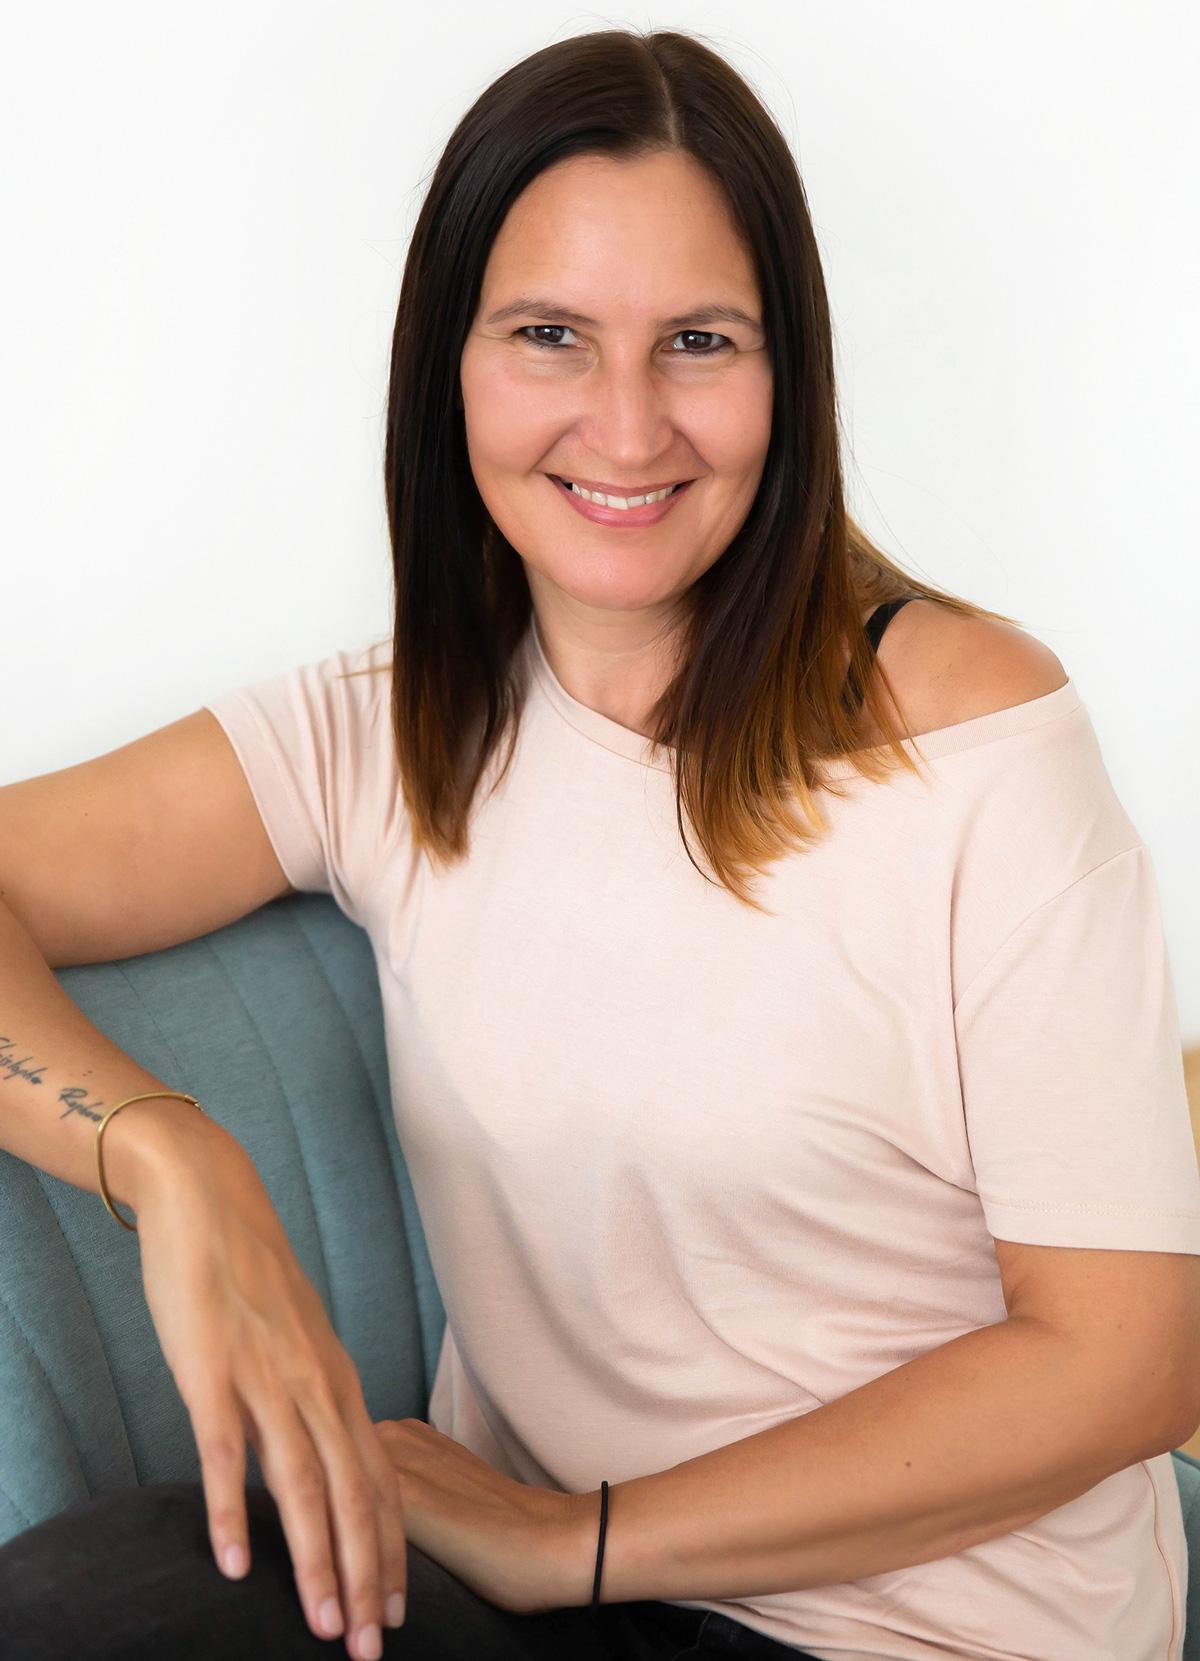 Manuela Hrubesch